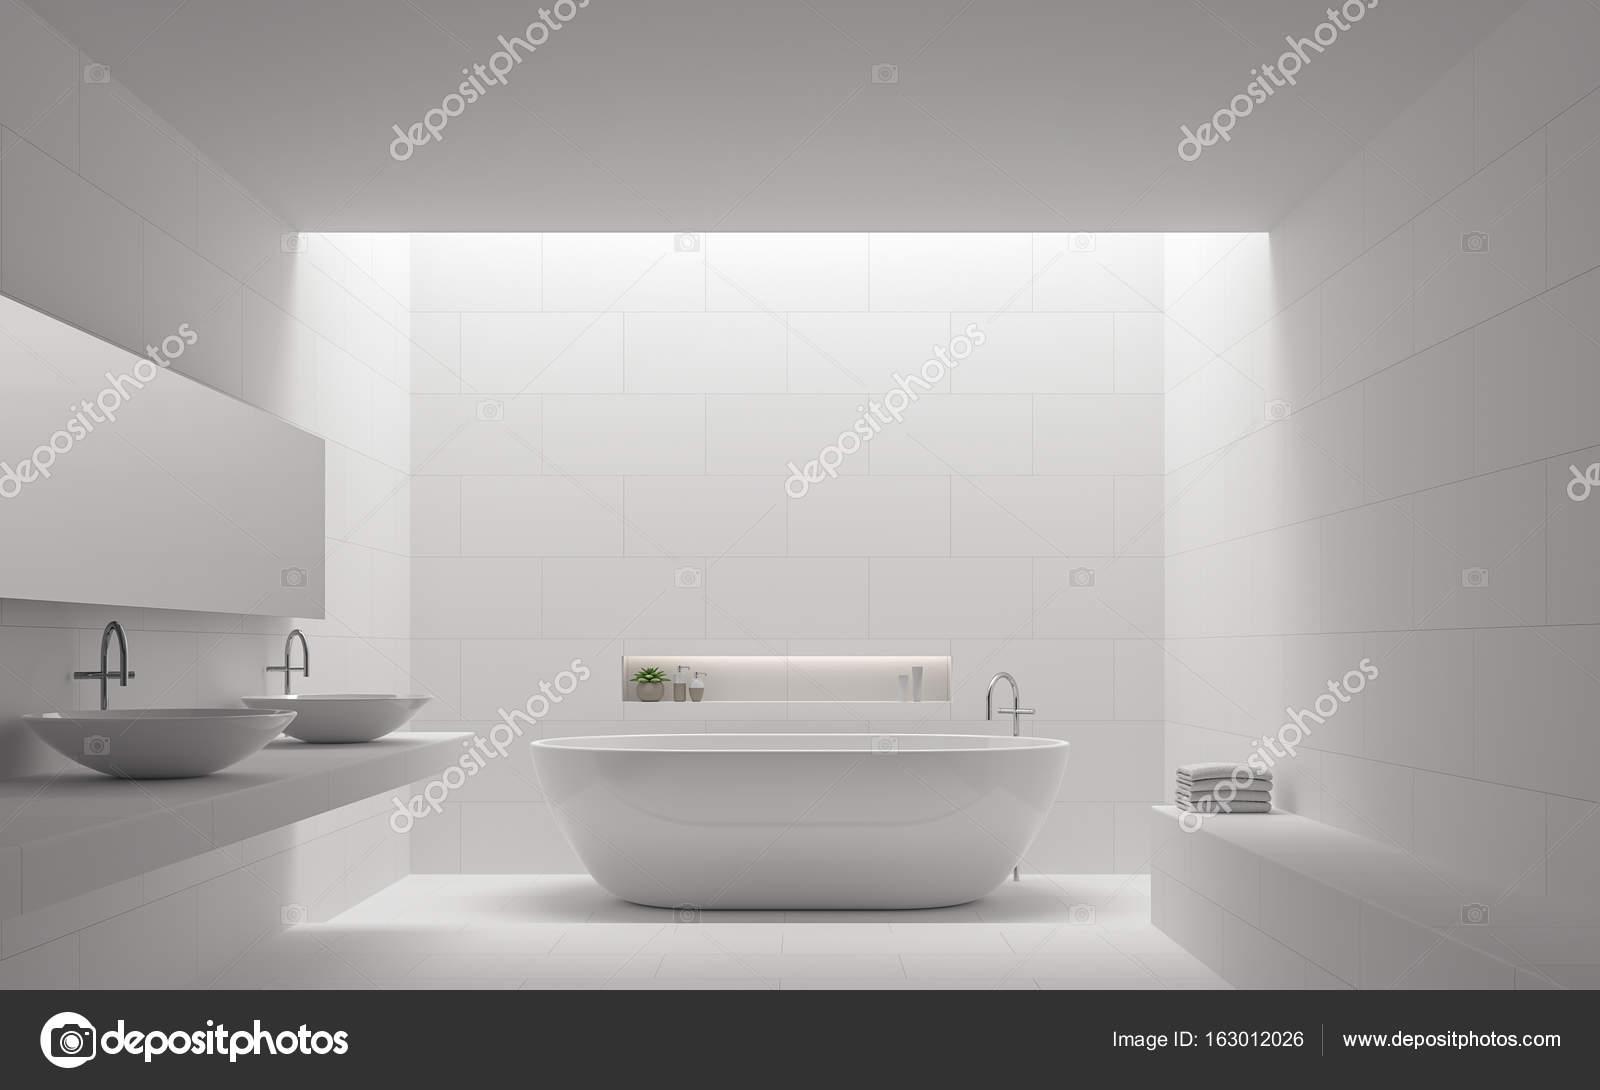 Moderne Witte Badkamer : Moderne witte badkamer interieur minimalistische stijl 3d rendering